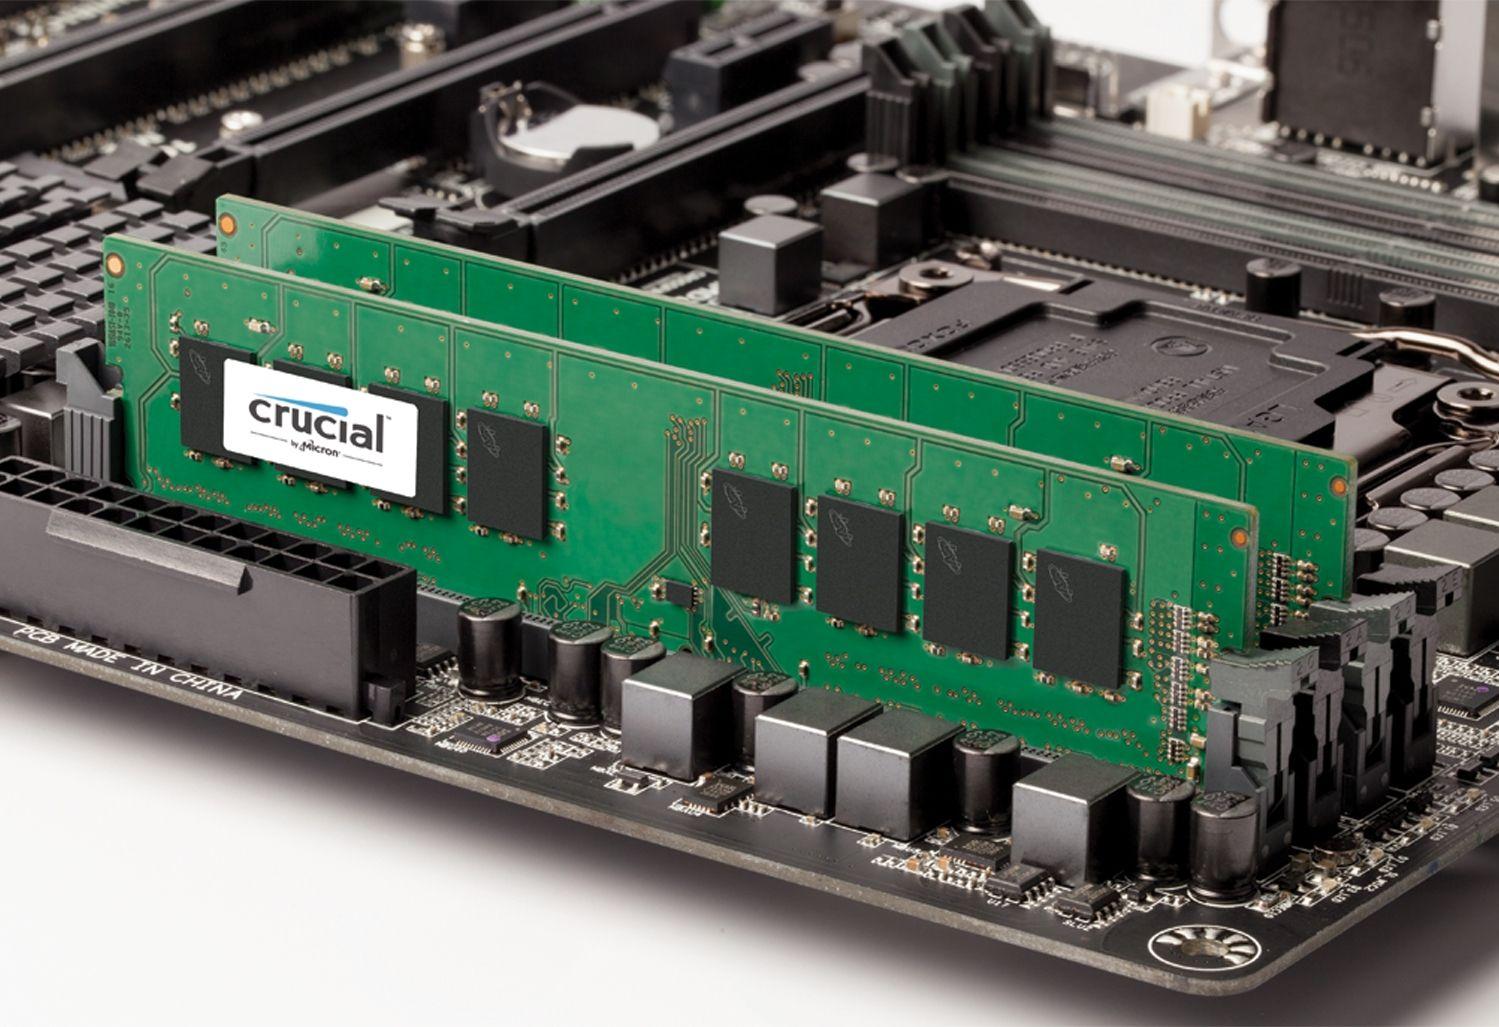 Un module de mémoire RAM Crucial sur une carte mère découverte pour montrer comment mettre à niveau la mémoire d'un ordinateur ancien